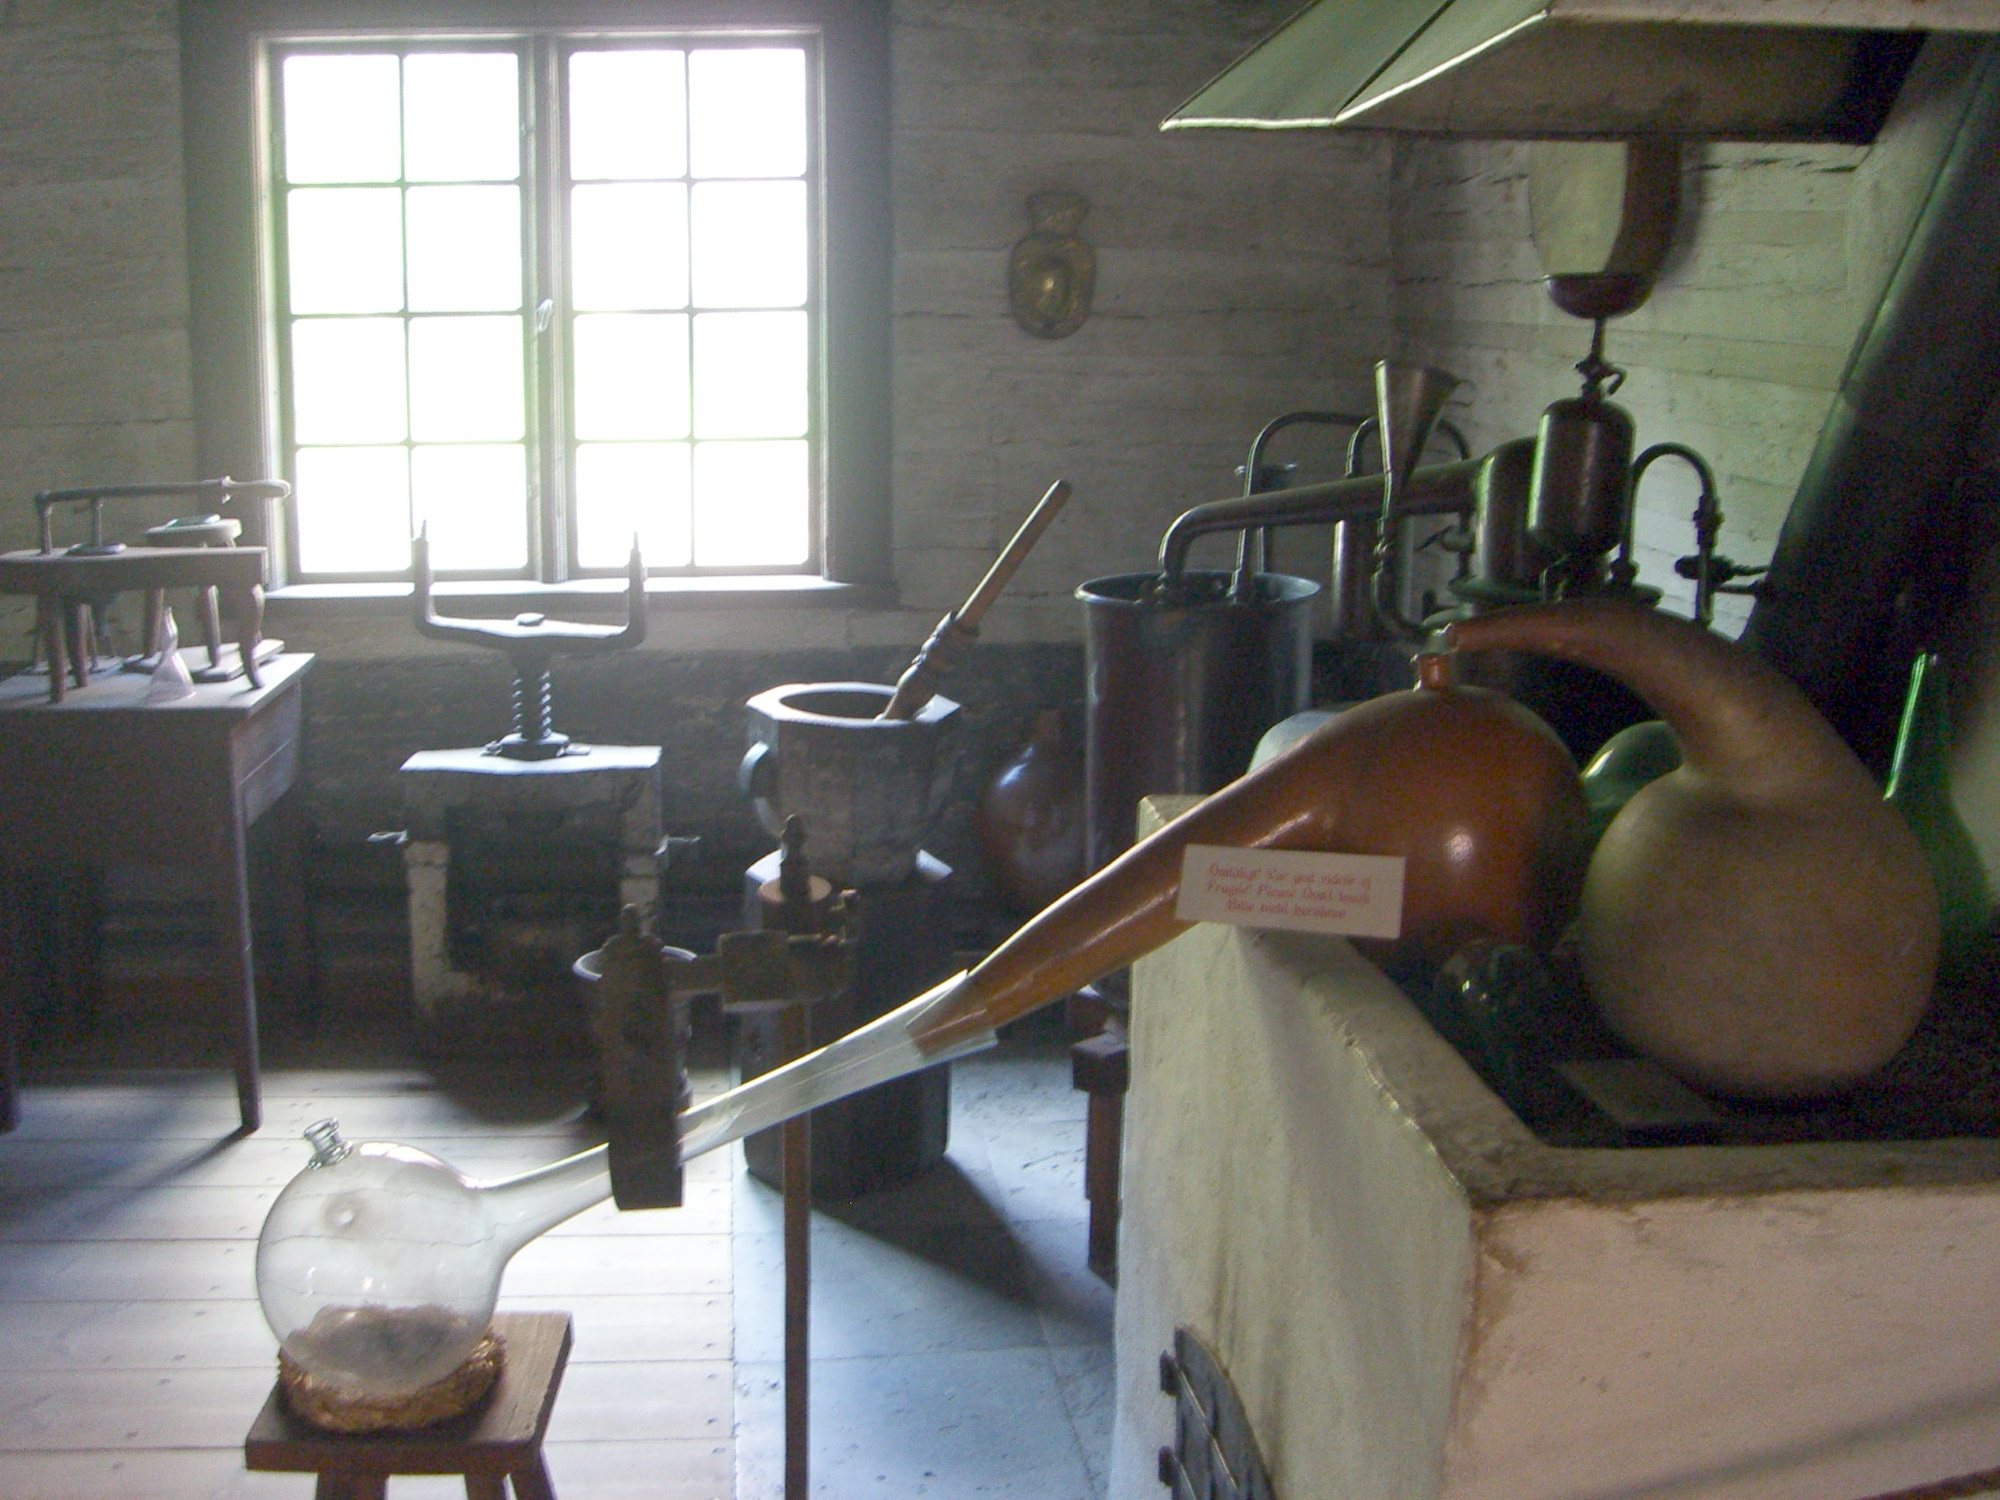 Old-time pharmacy / lab equipment in Skansen